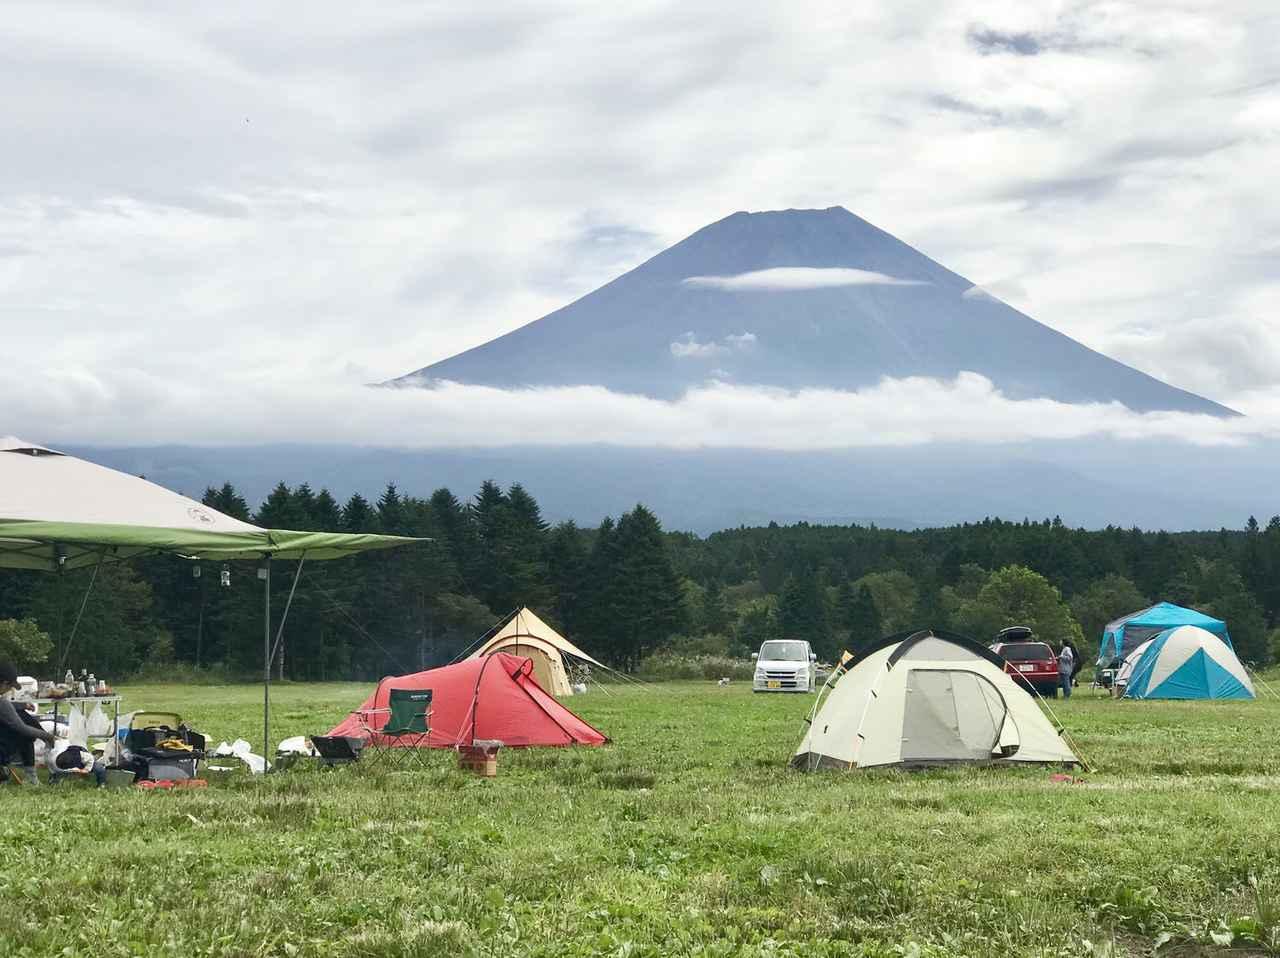 画像: 【キャンプマナー】その2:「場所取り」 区画未定のキャンプ場では近隣のキャンパーに声かけする!